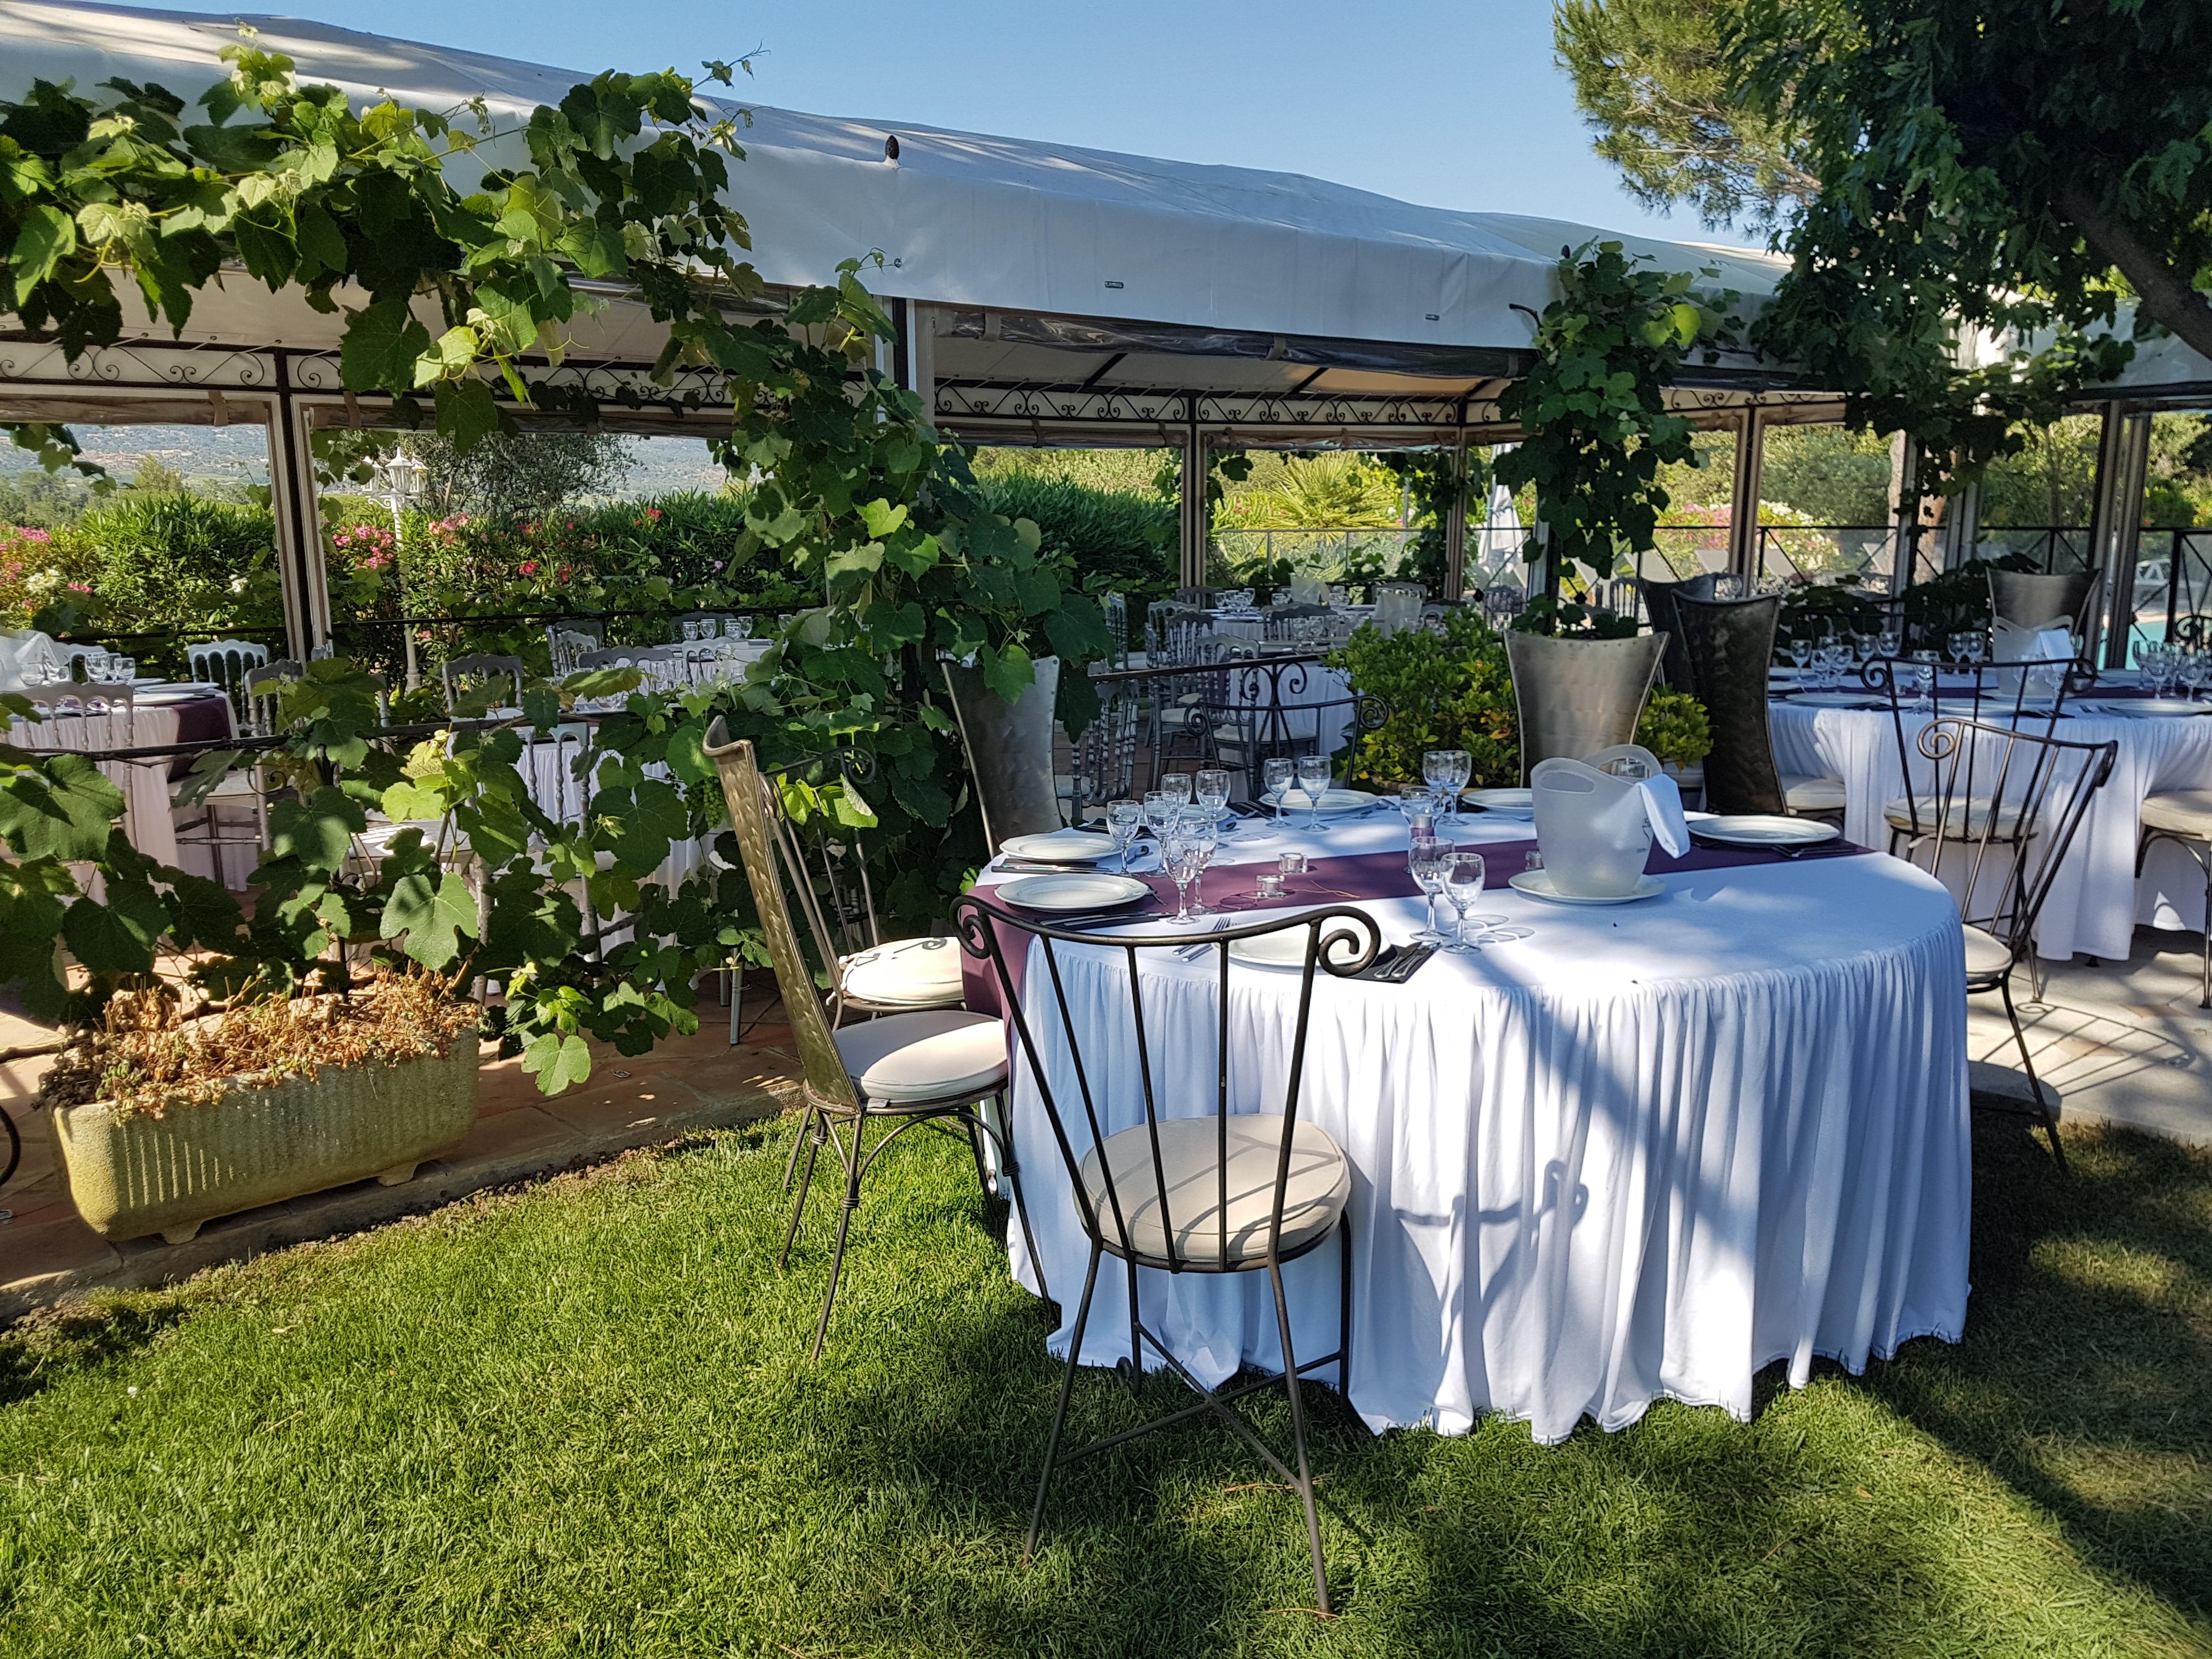 Belle tables rondes à l'extérieur